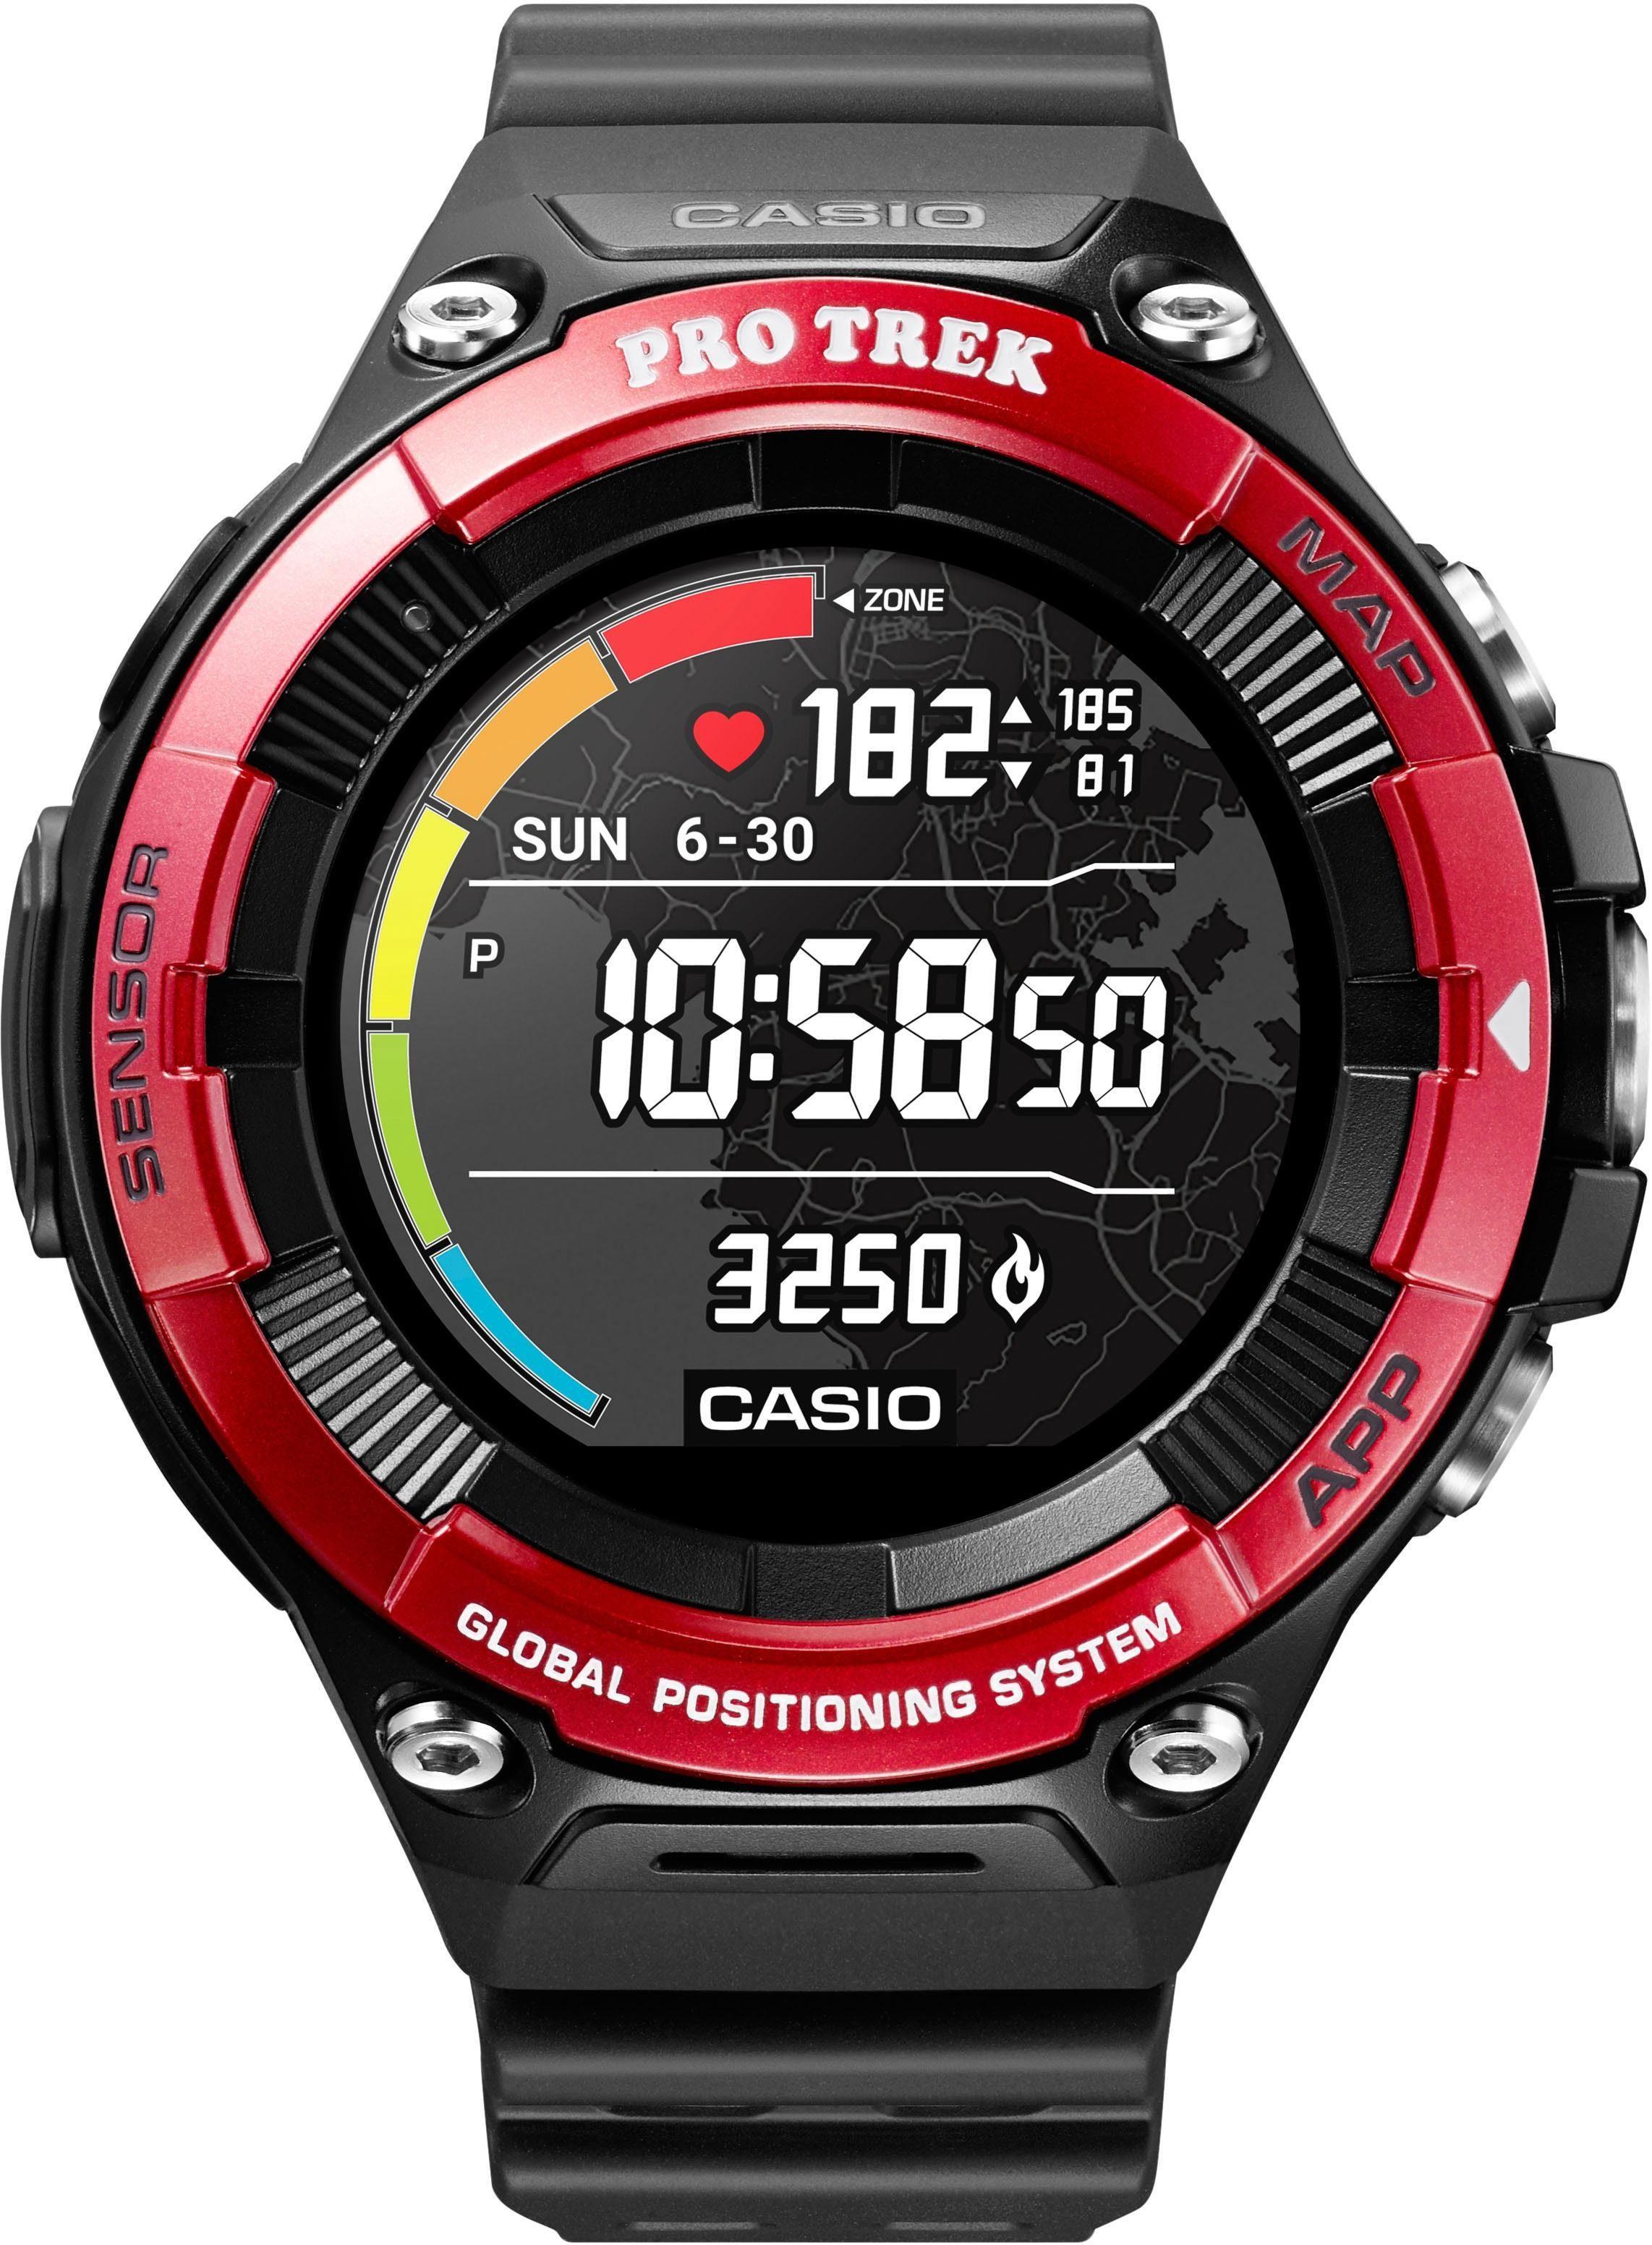 CASIO PRO TREK Smart PRO TREK Smart WSD-F21HR-RDBGE Smartwatch (Wear OS by Google) | Uhren > Smartwatches | Casio Pro Trek Smart